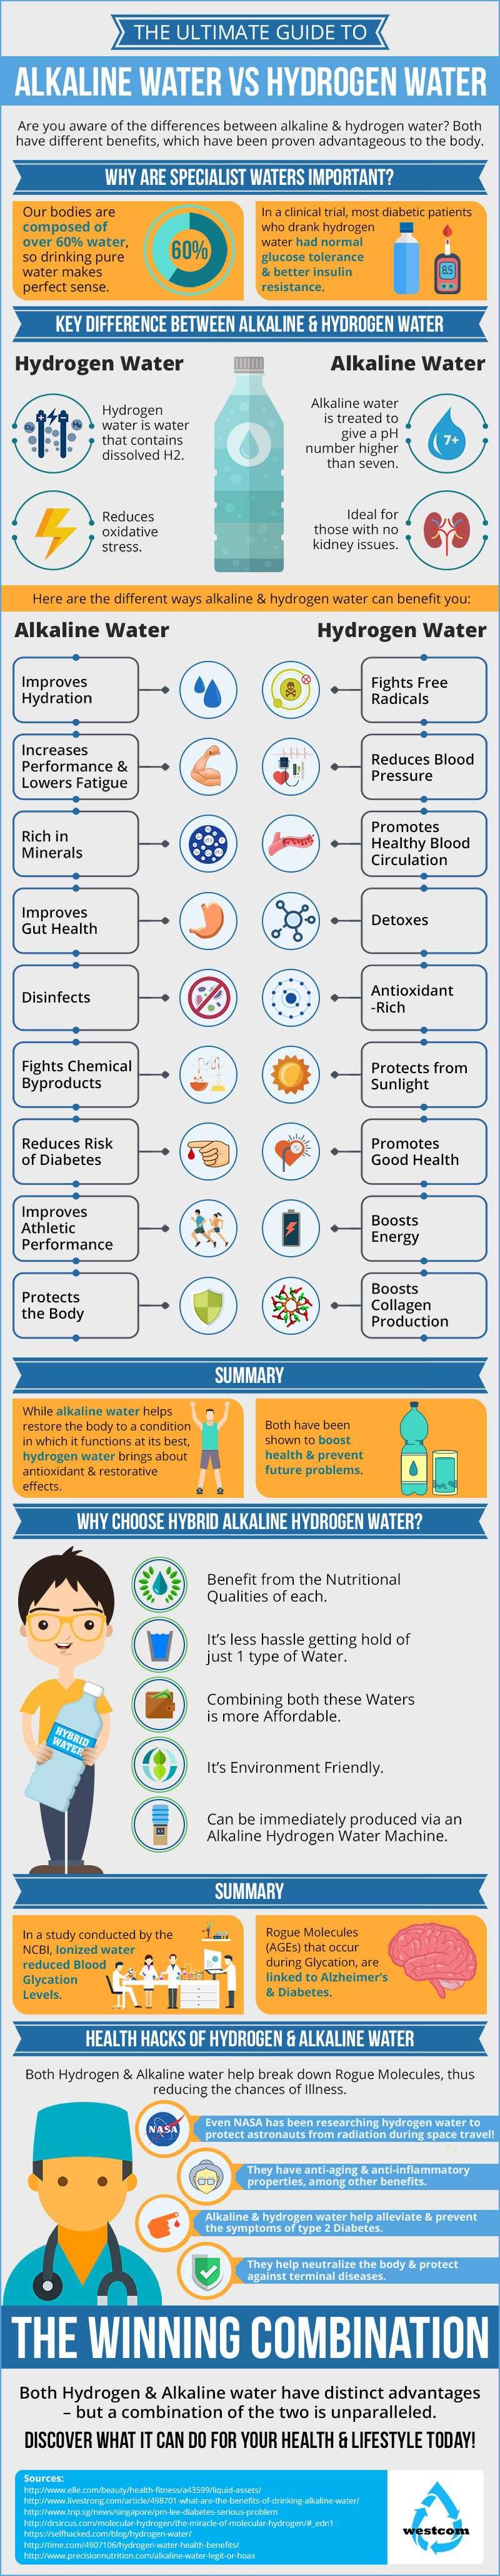 Hydrogen Water vs Alkaline Water Infographic